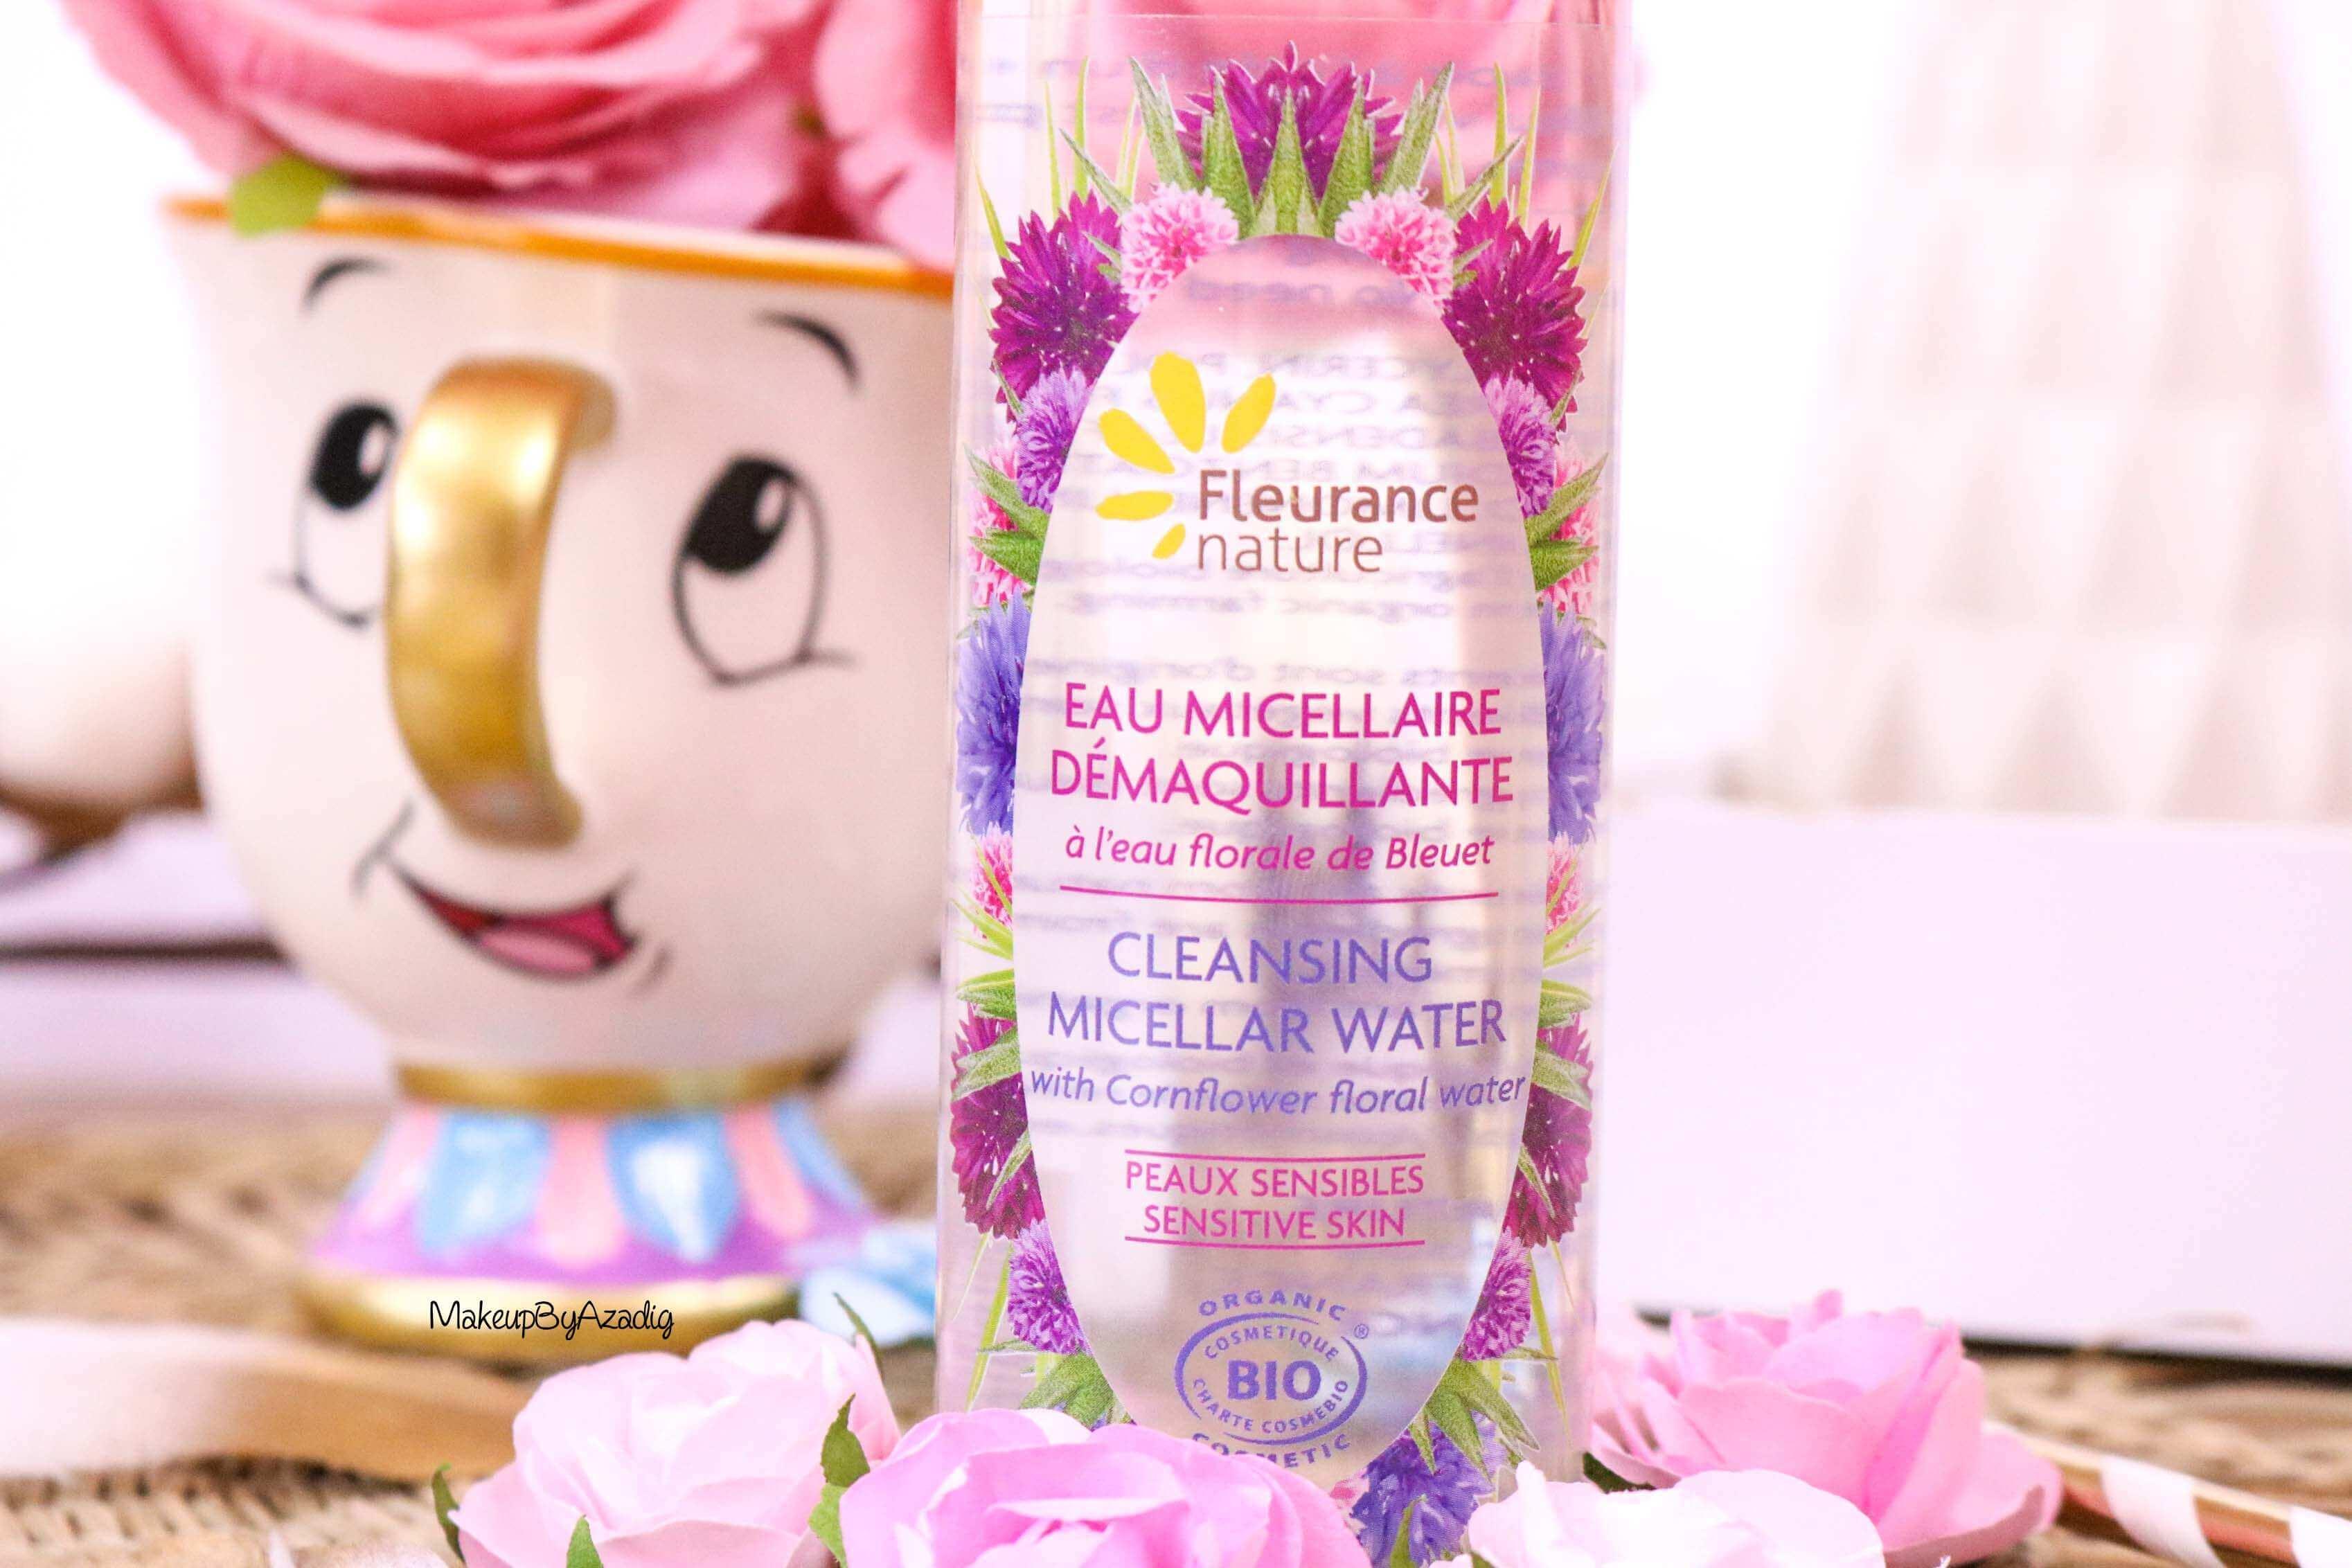 revue-eau-micellaire-peau-sensible-cosmetique-bio-fleurance-nature-makeupbyazadig-florale-bleuet-prix-avis-water